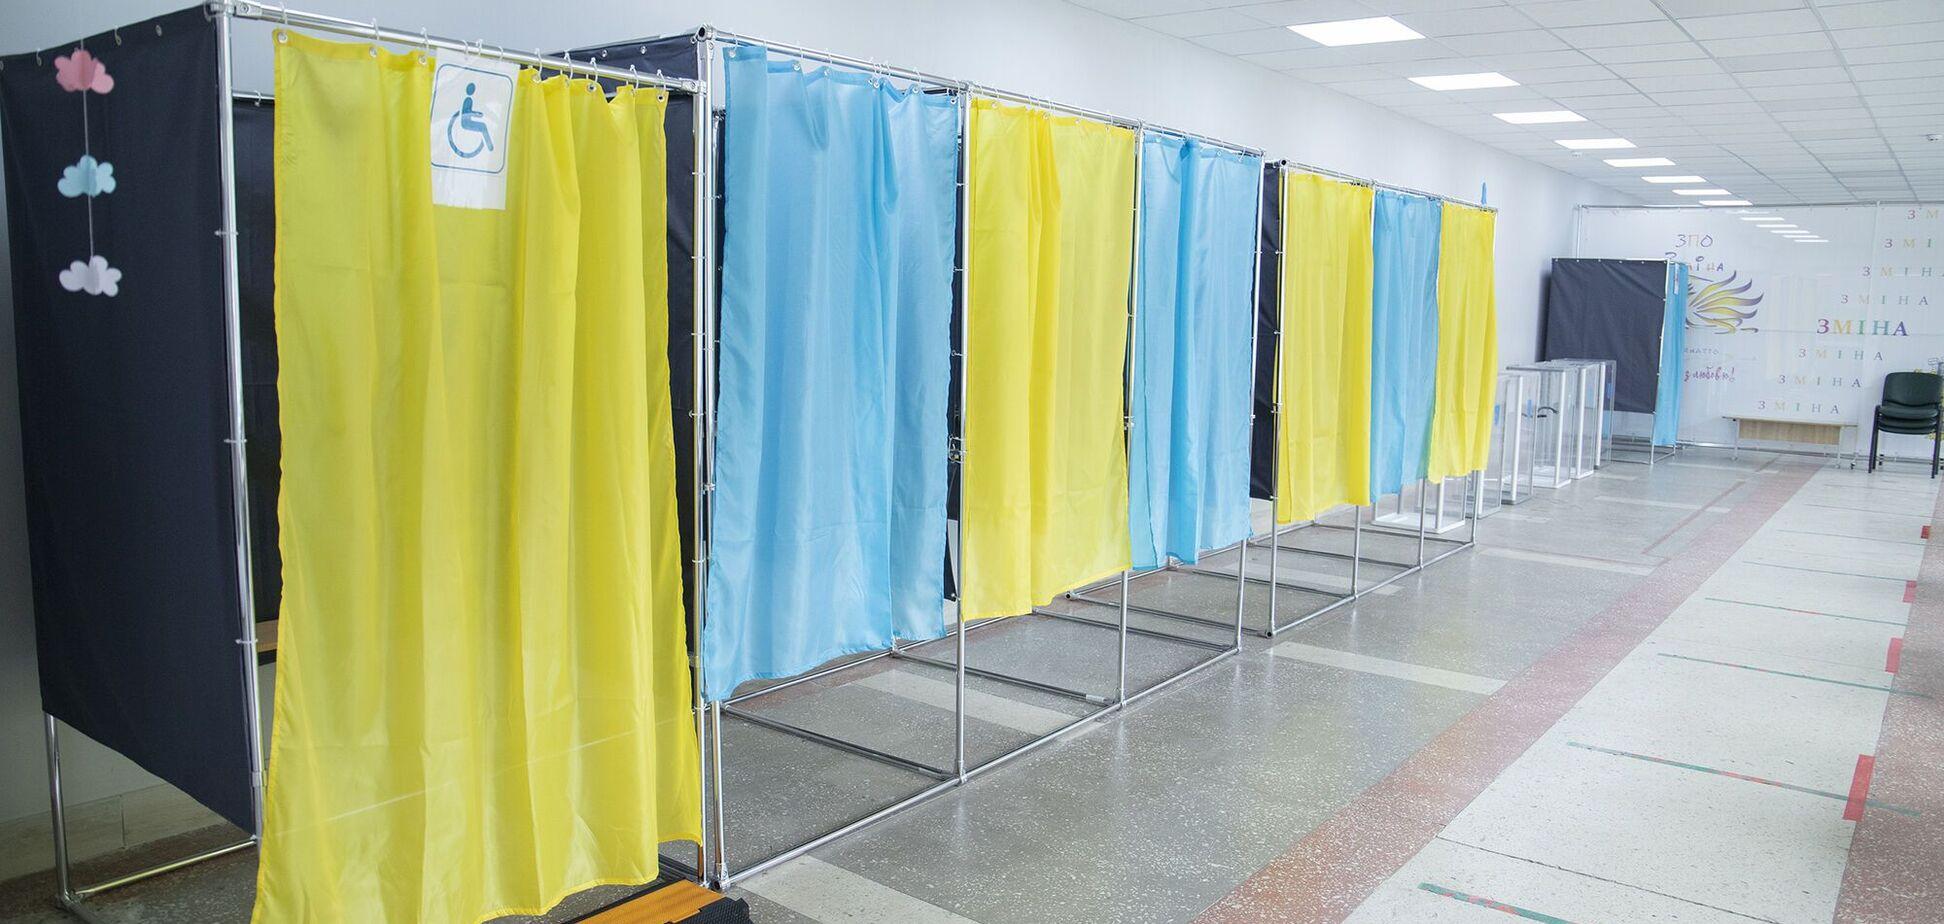 На виборчій дільниці у Києві зафіксовано порушення